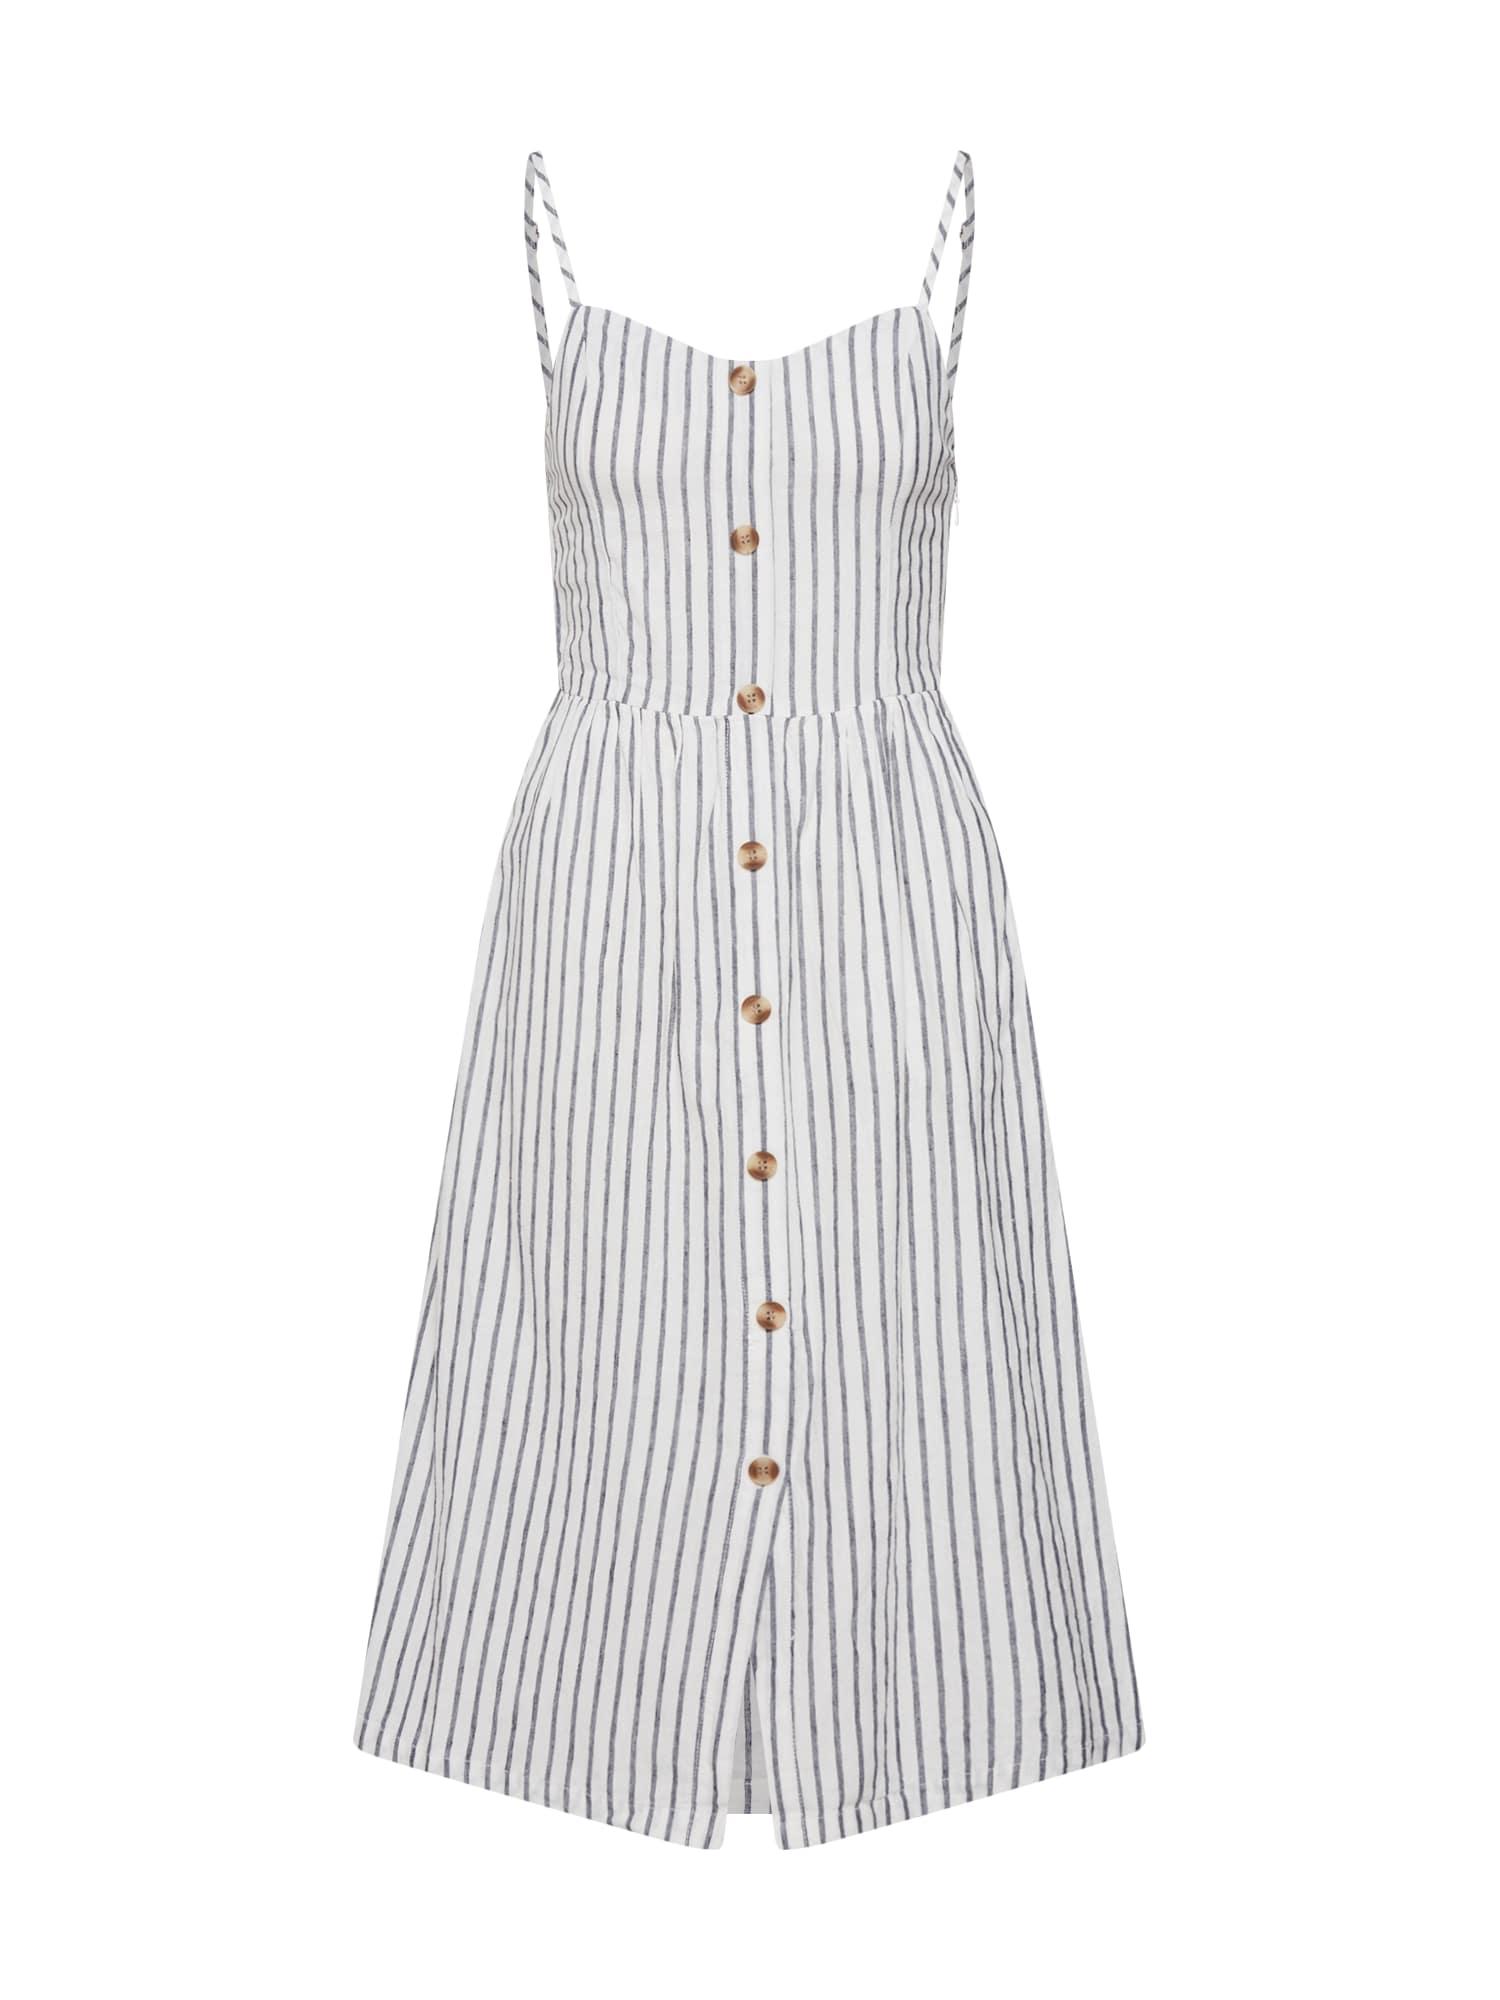 Šaty onlLuna Strap Stripe DNM QY T tmavě šedá bílá ONLY